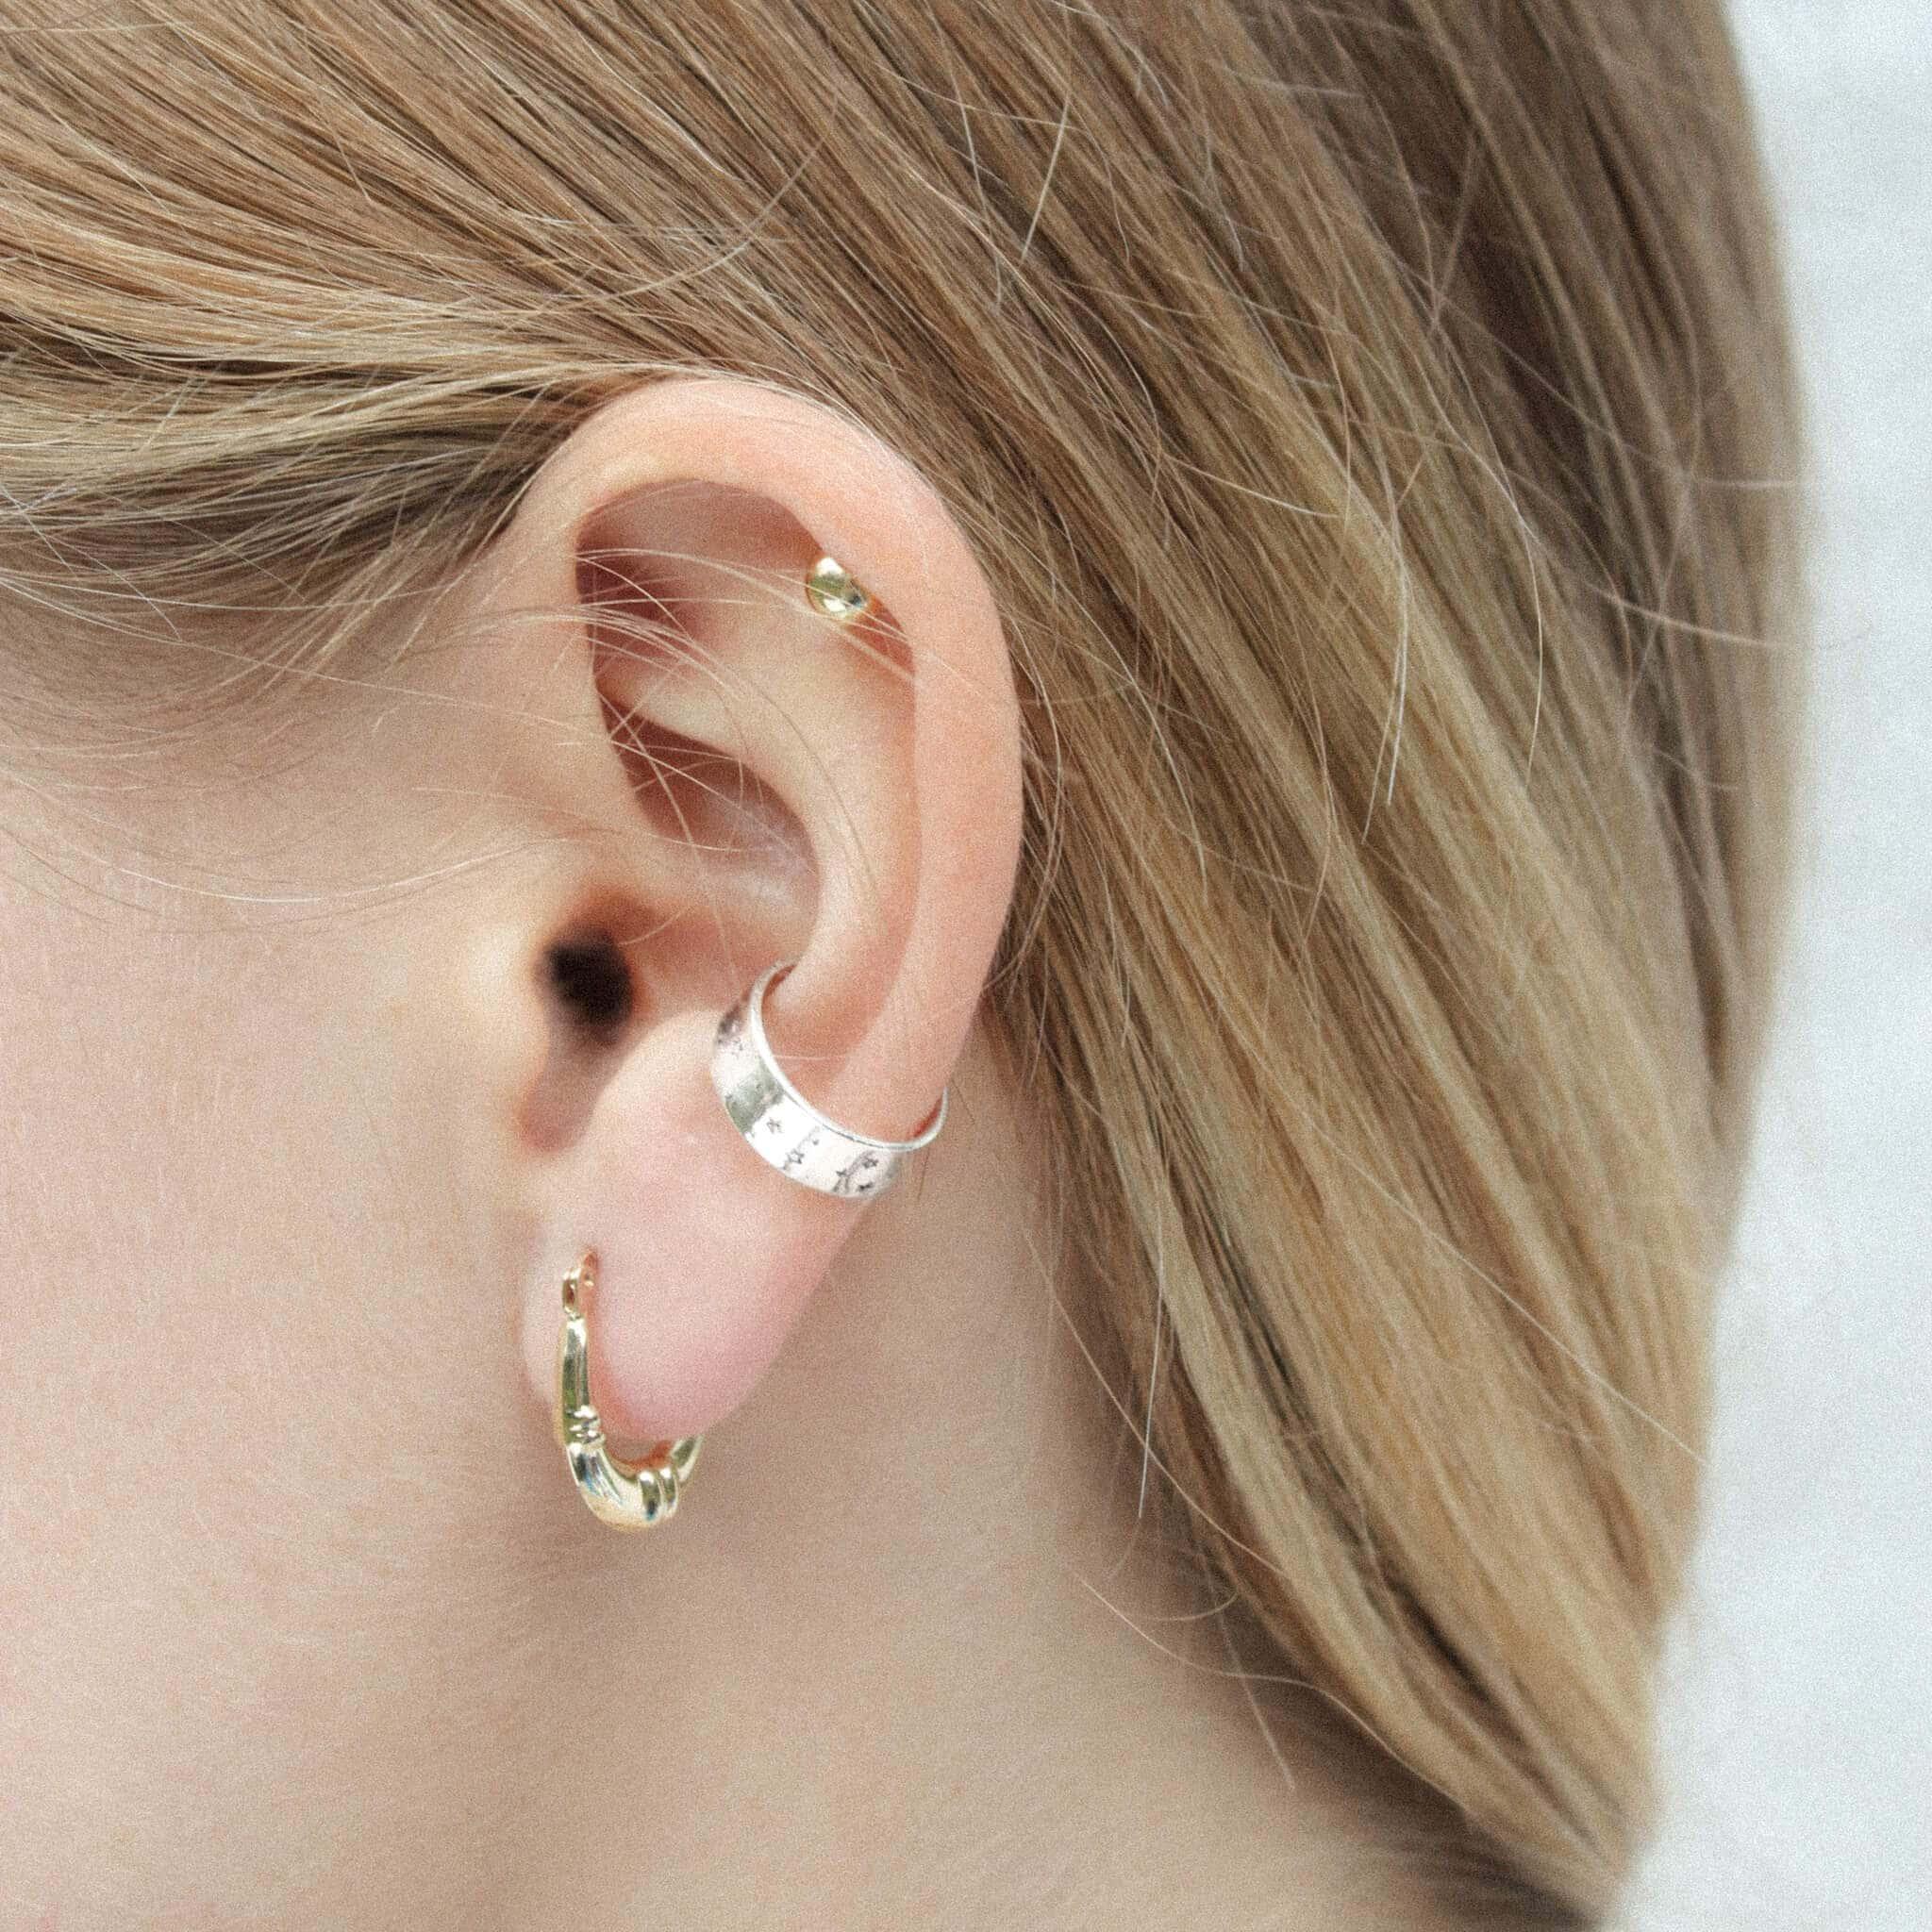 Modelka prezentuje złotą i srebrną biżuterię: klasyczne kolczyki i srebrną nausznicę